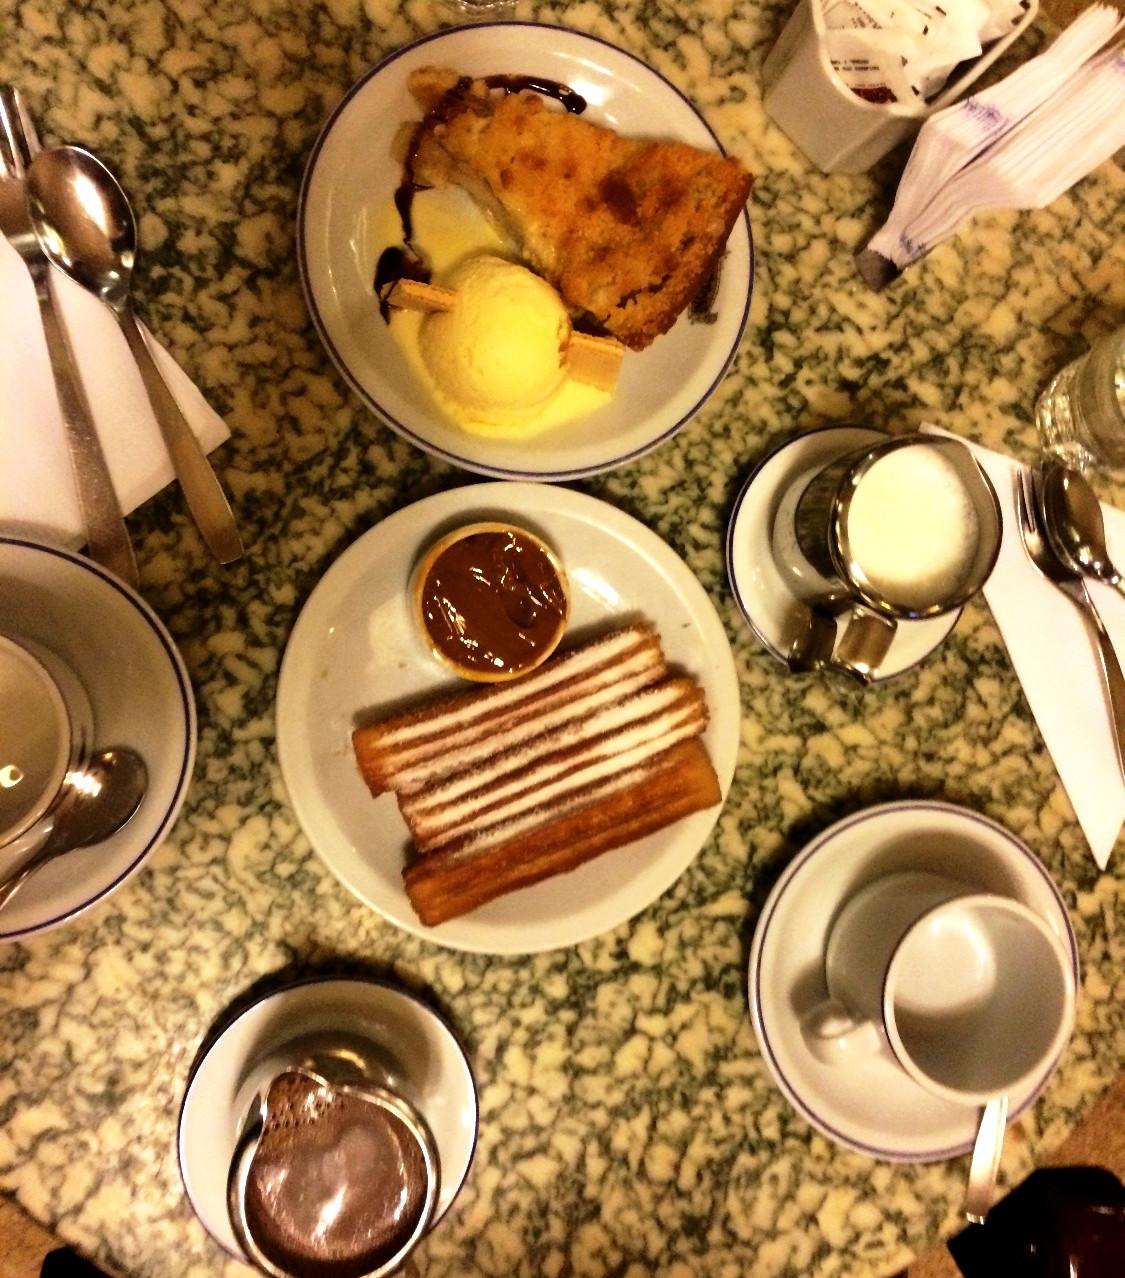 Lanche da tarde no Café Tortoni